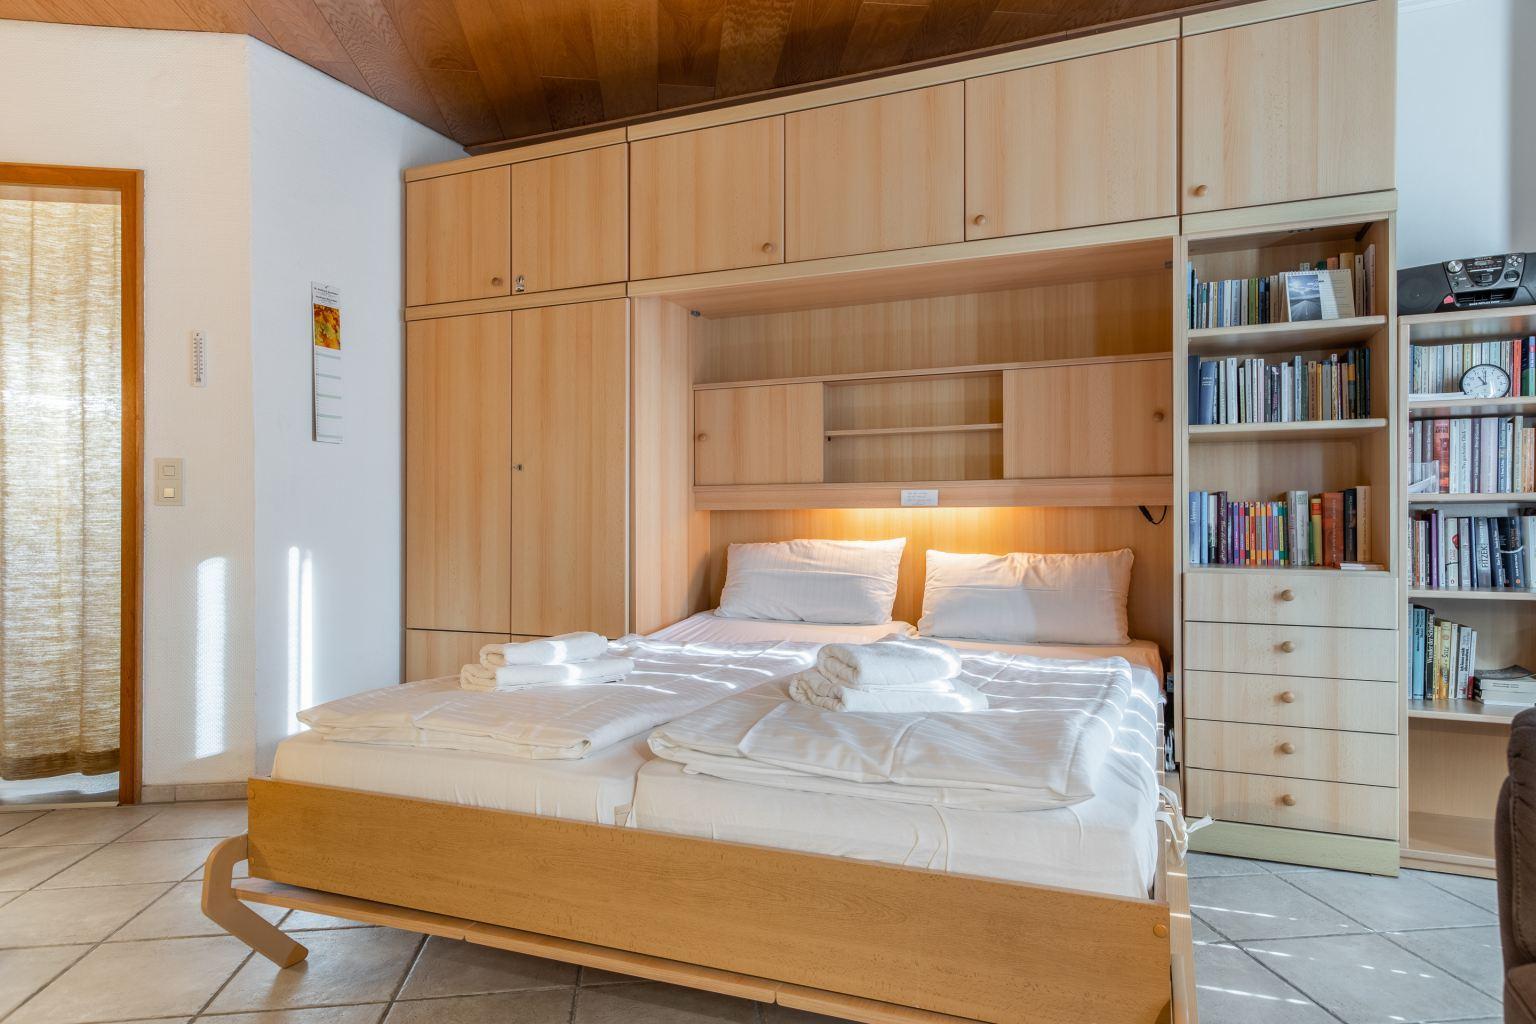 Wohnzimmer mit Schrank-Doppelbett